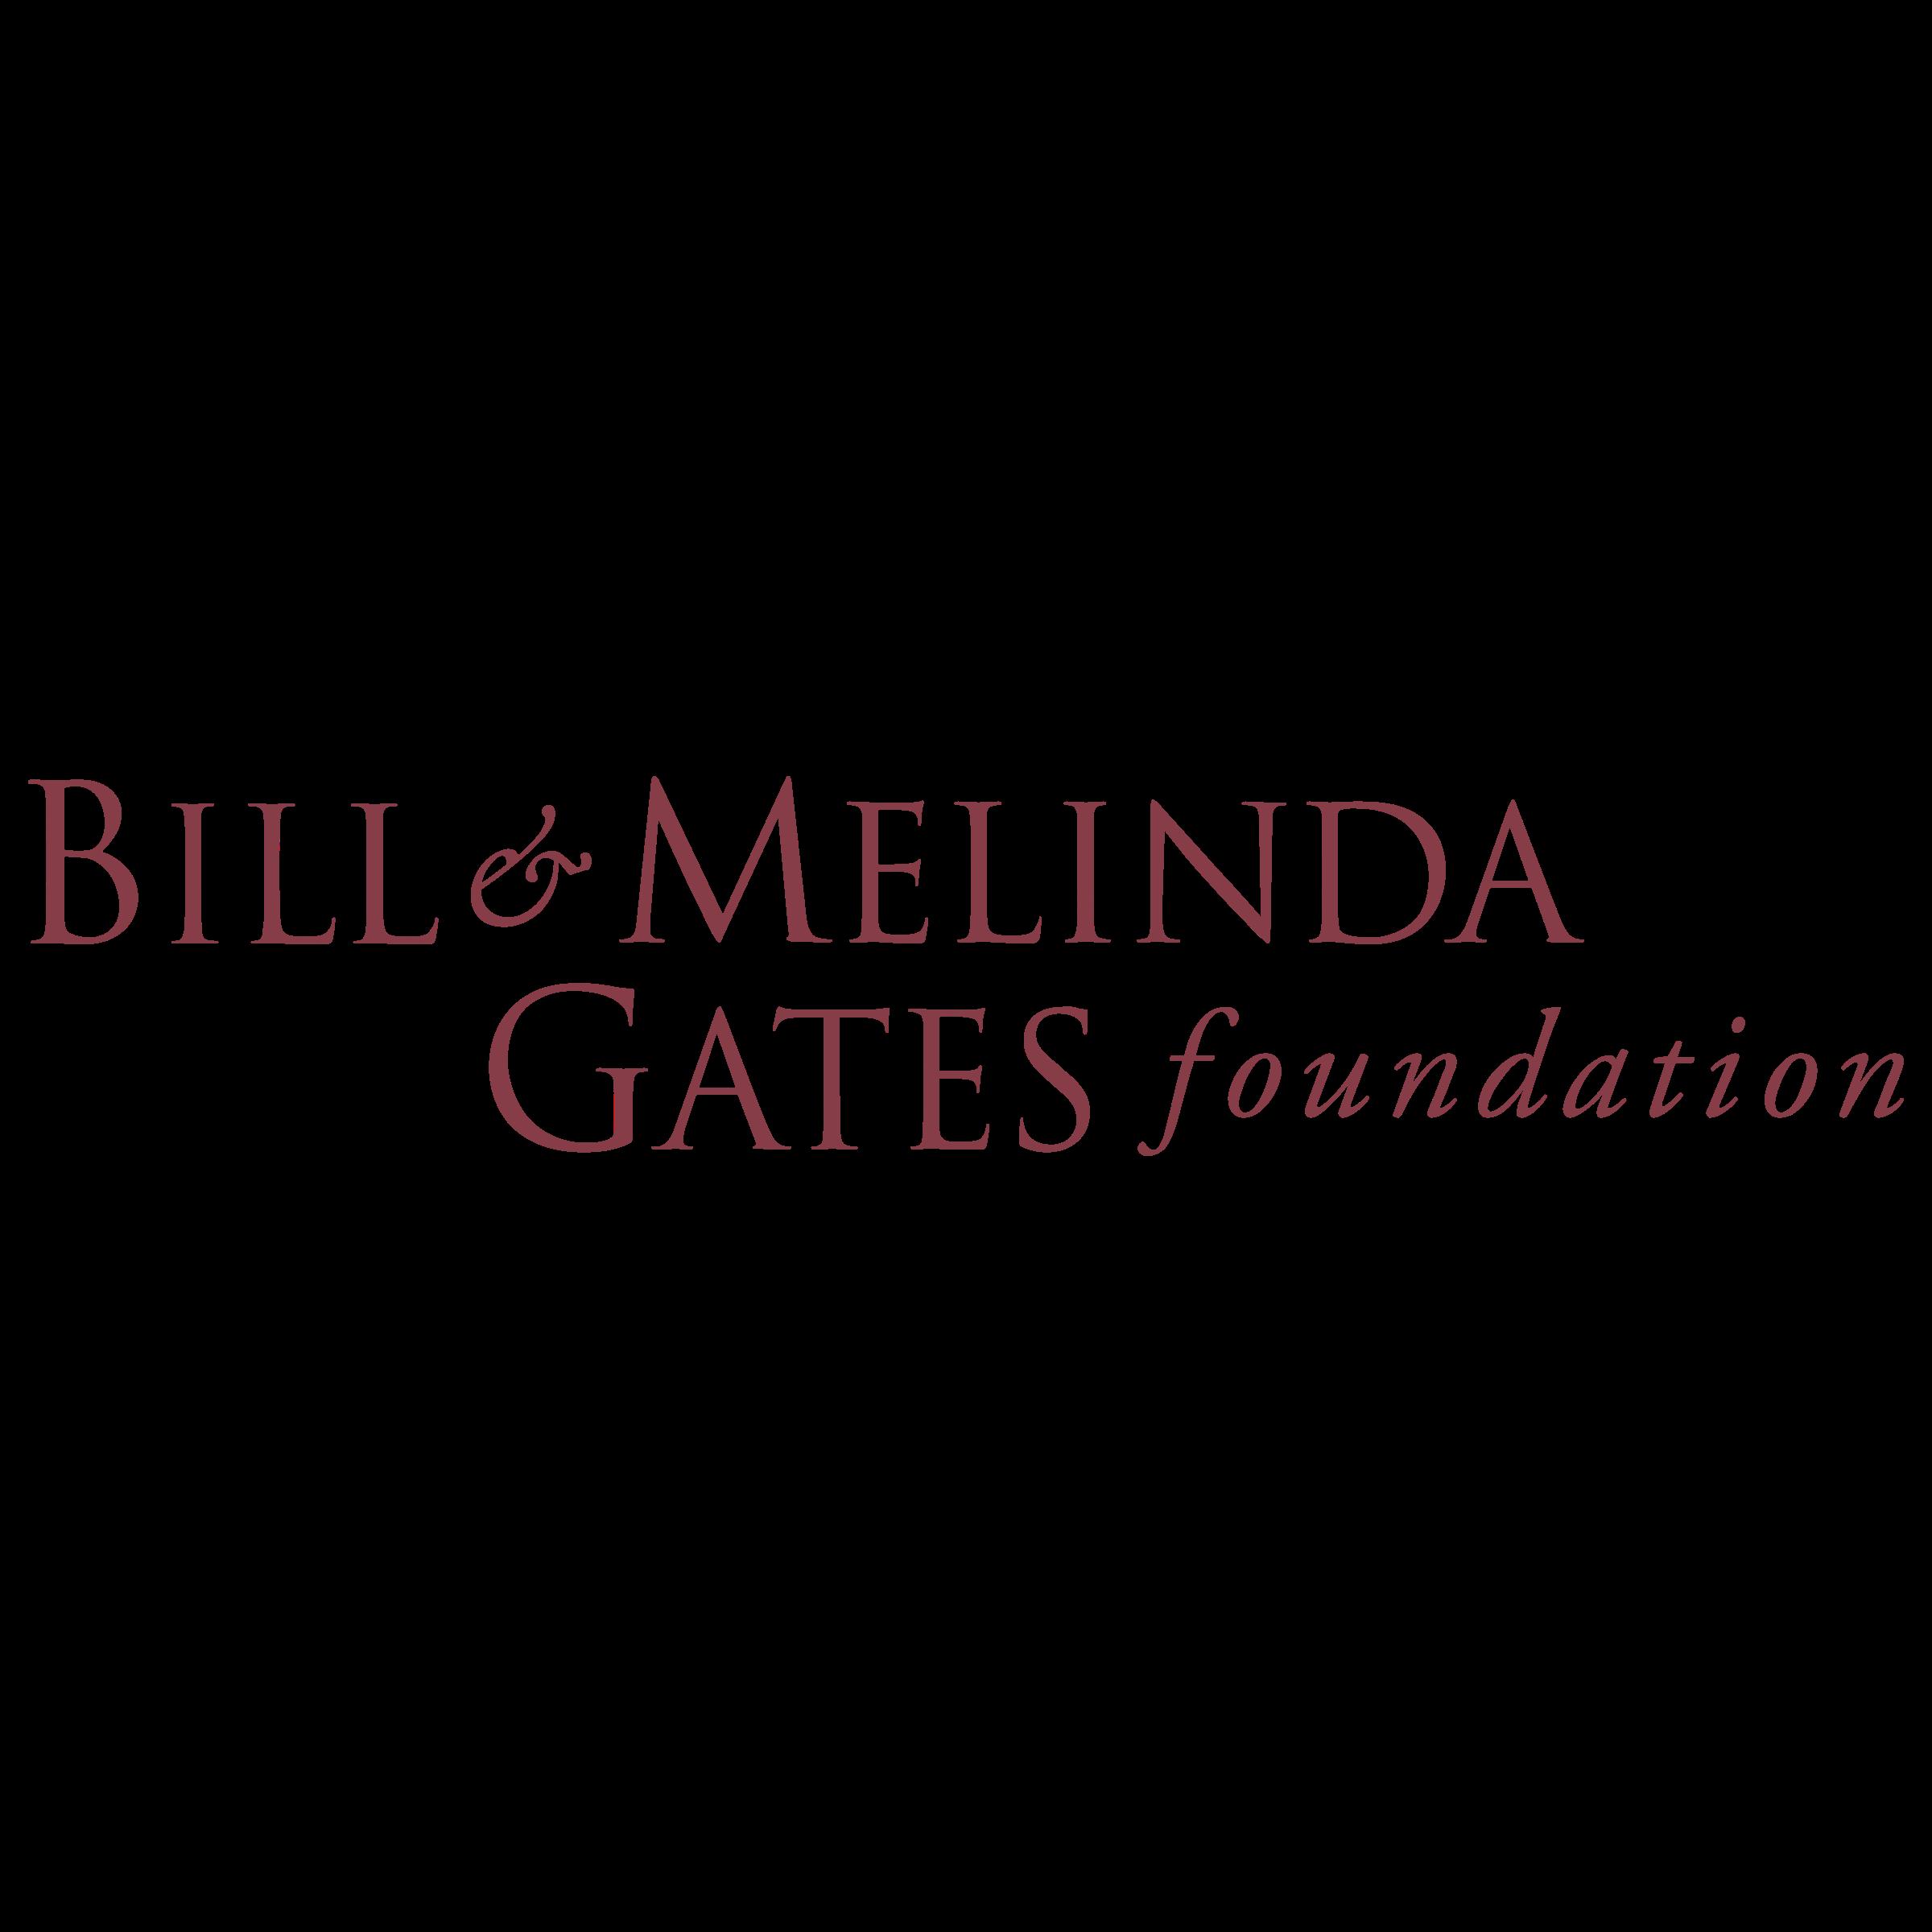 Bill Melinda Gates Foundation  >> Bill Melinda Gates Foundation Logo Png Transparent Svg Vector